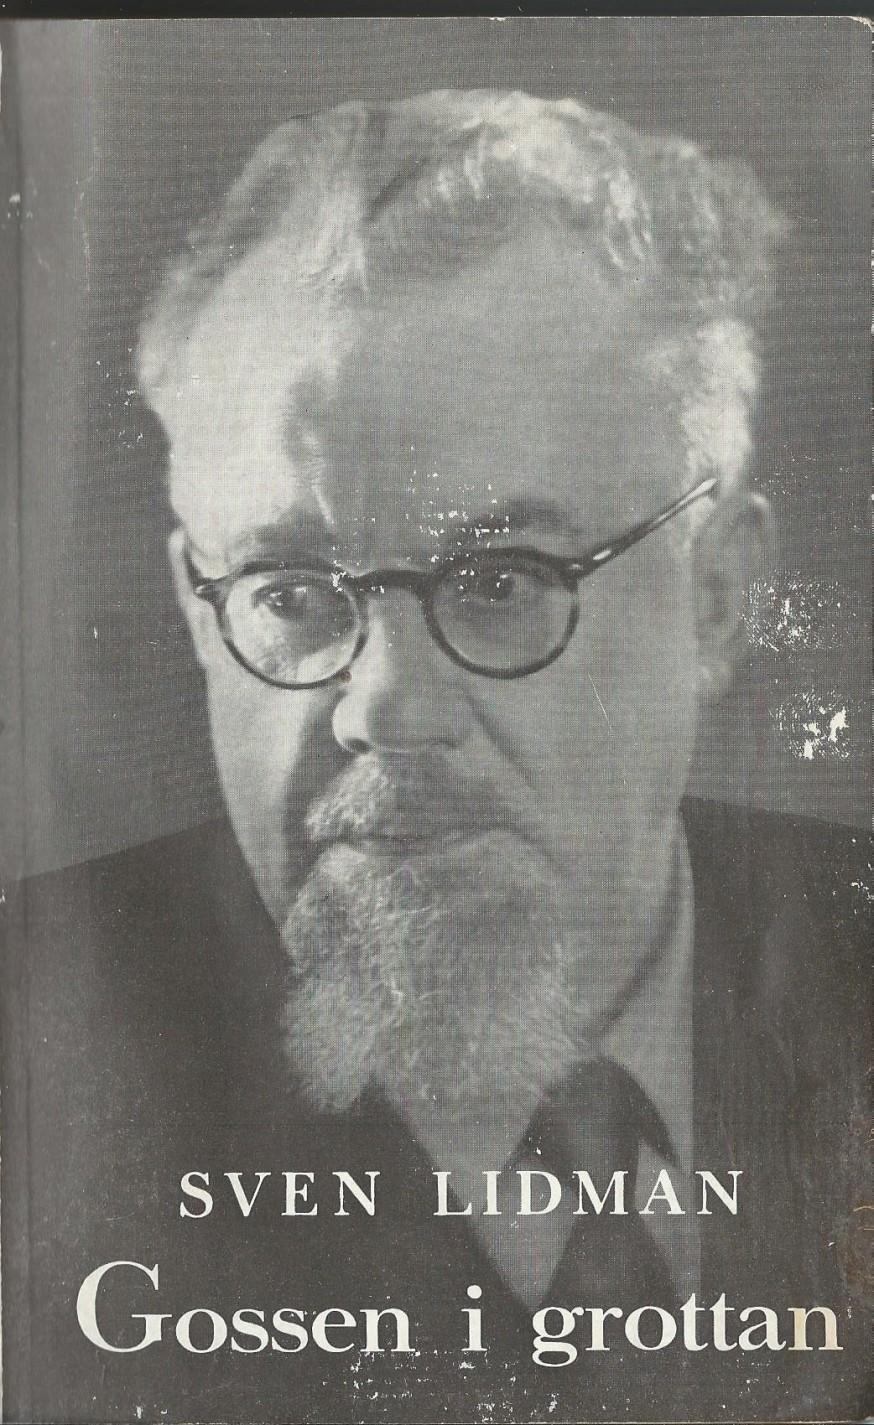 Sven Lidman i Annedalskyrkan